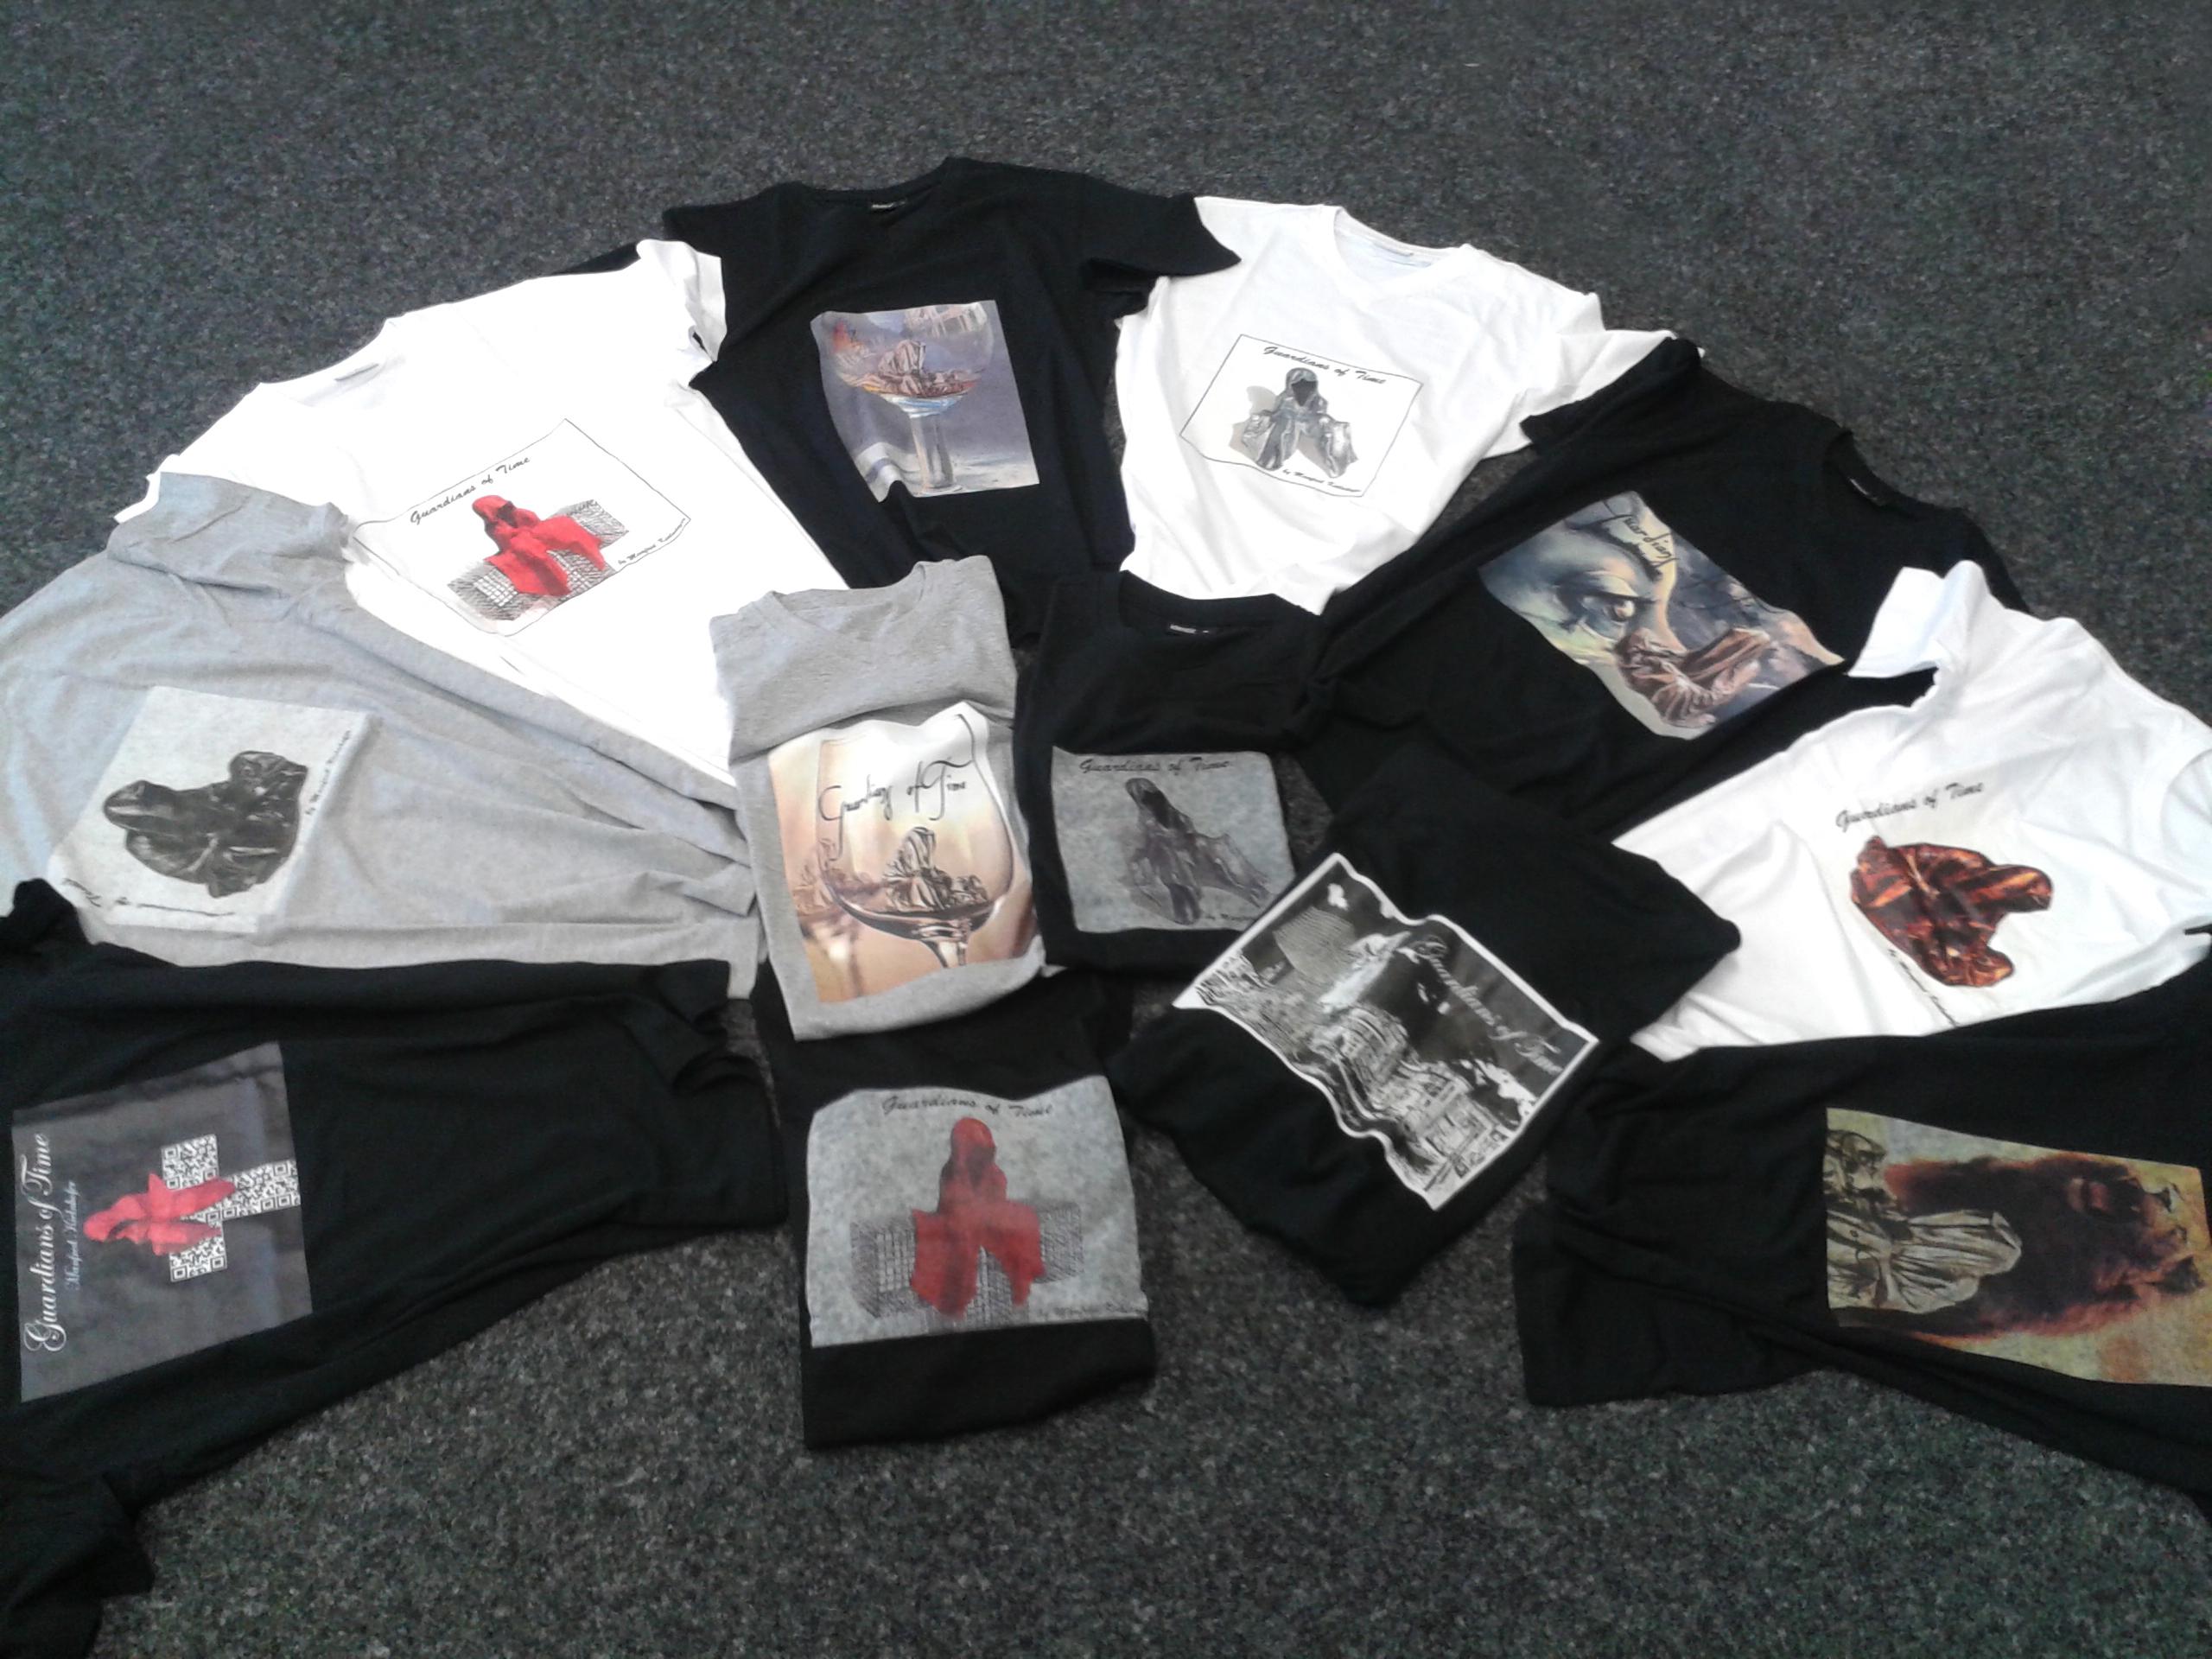 gurdians of time manfred kili kielnhofer t-shirts fashon design store shop 307